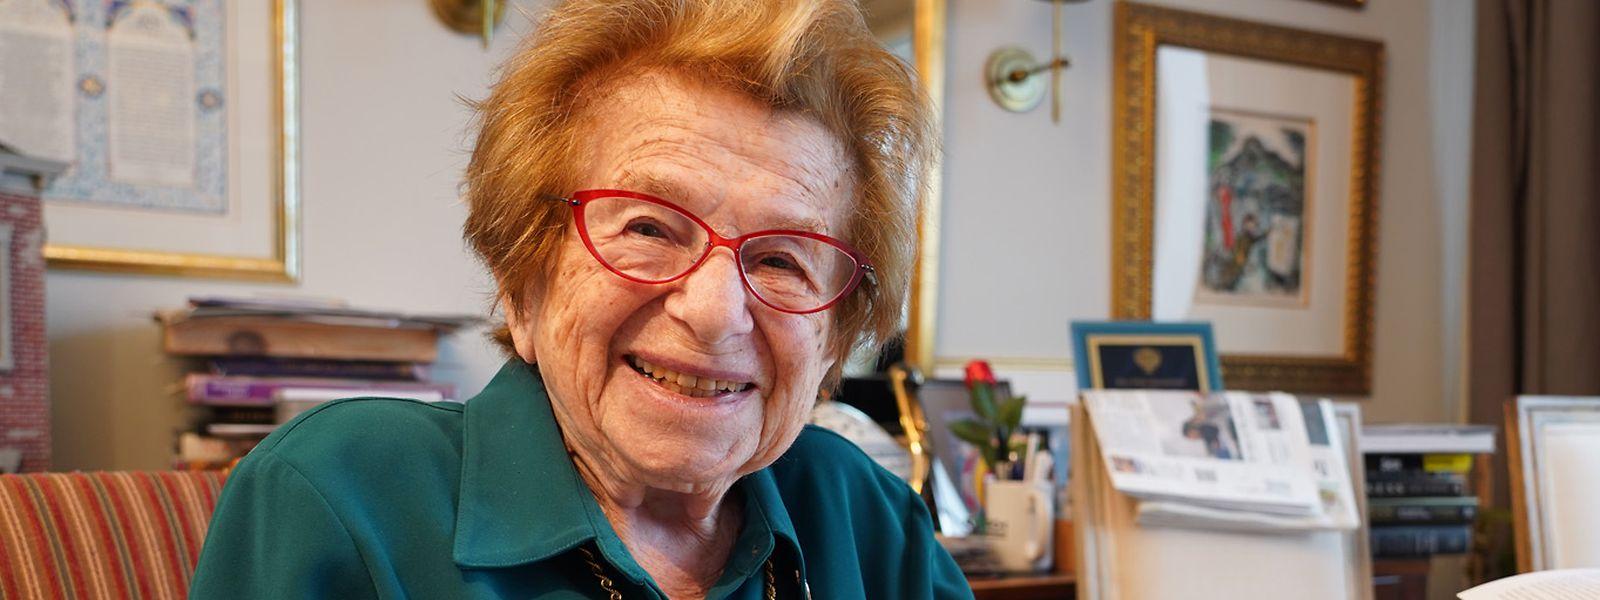 Immer noch topfit: Ruth Westheimer feiert am 4. Juni ihren 92. Geburtstag.